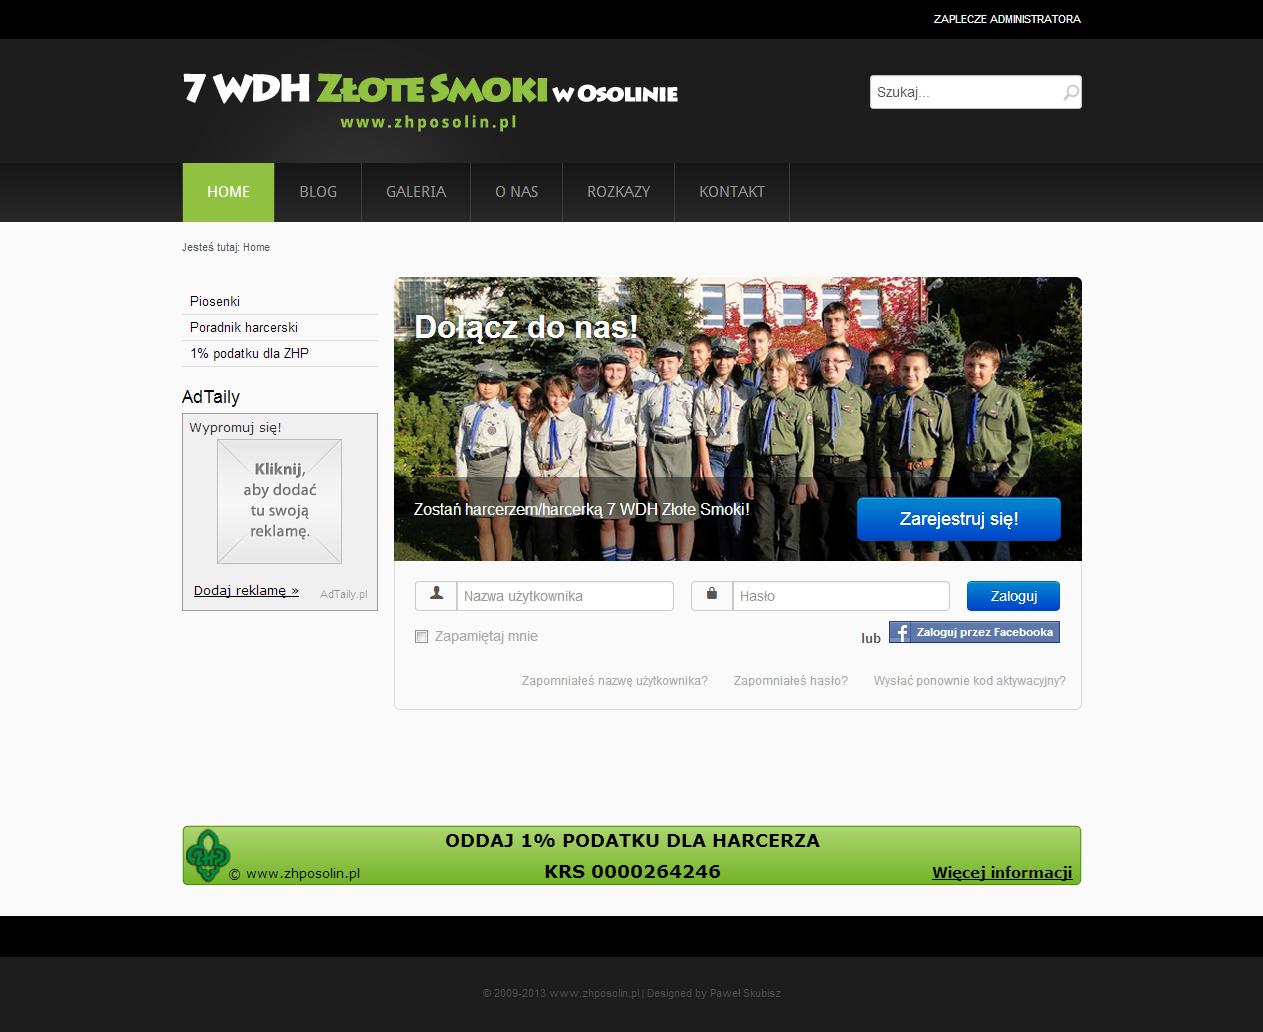 Witaj na www.zhposolin.pl